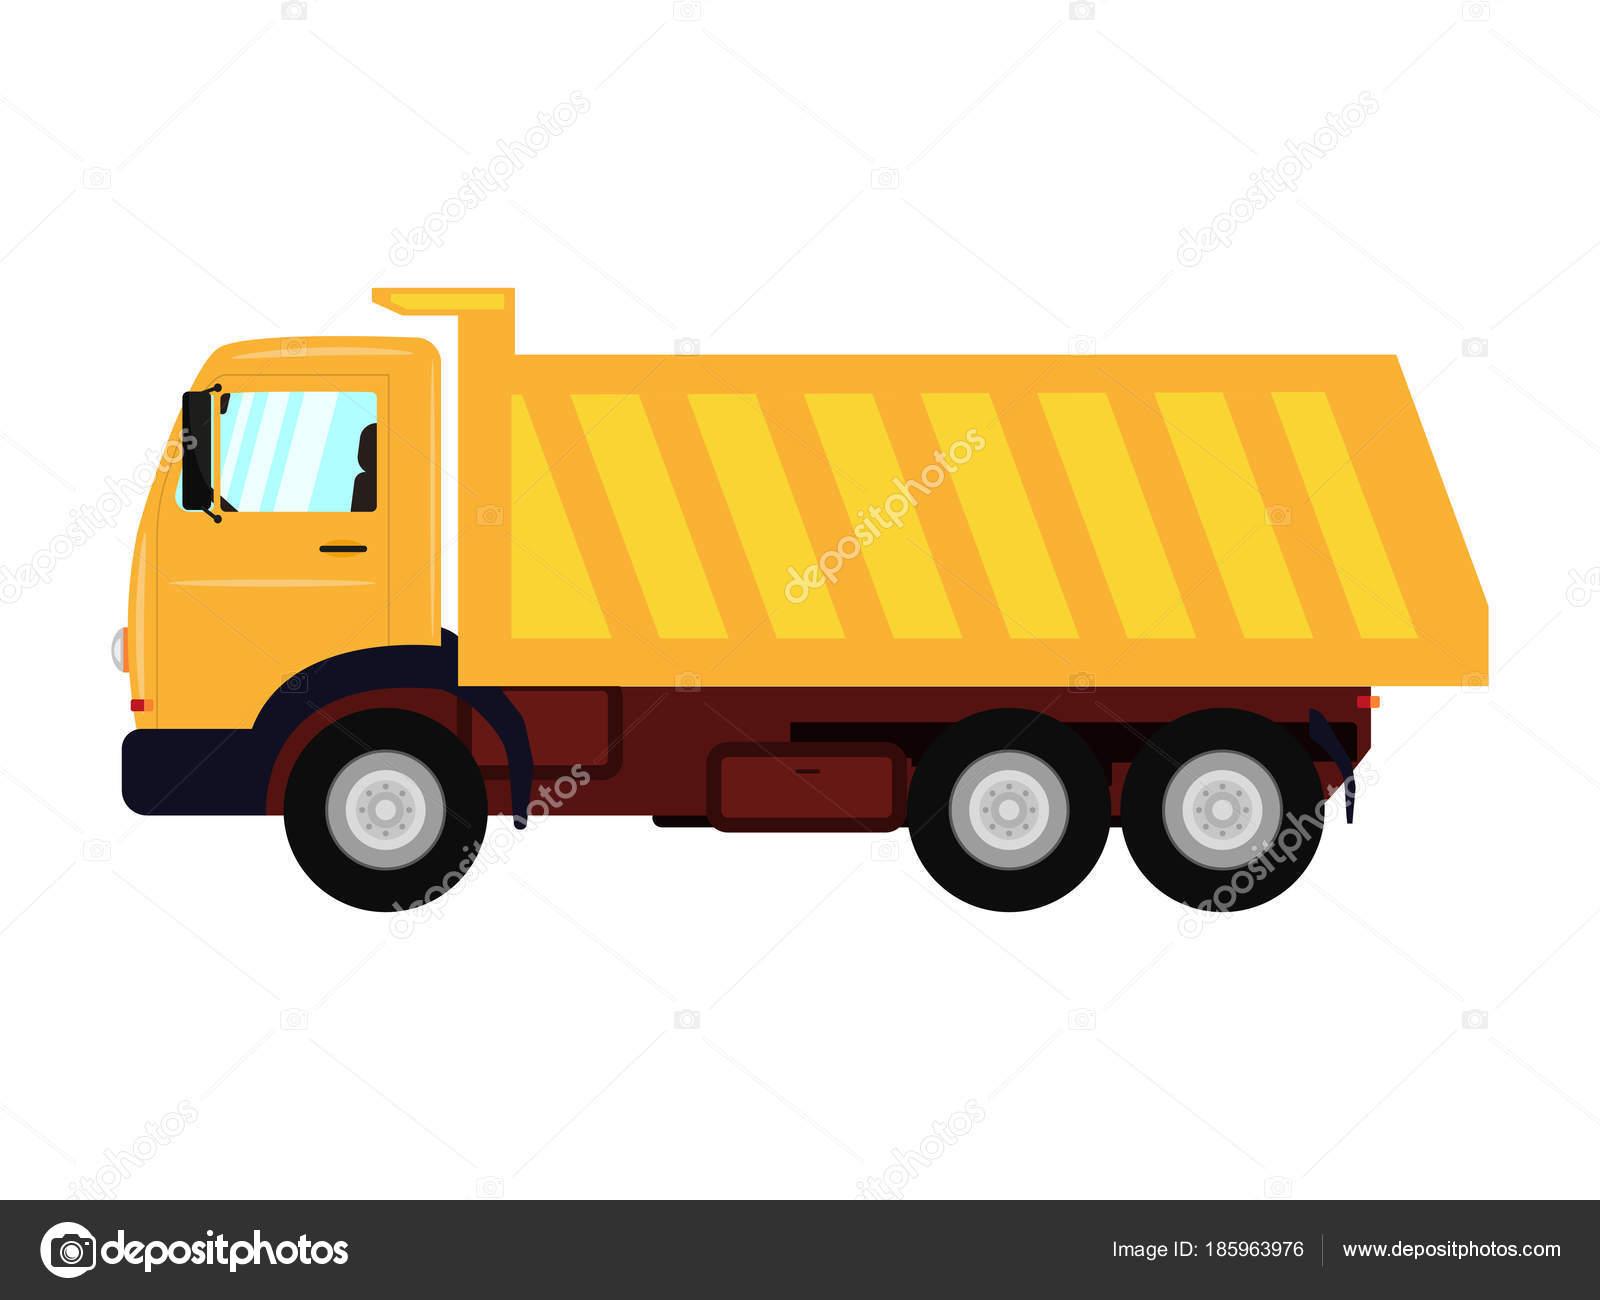 卡通卡车_卡通黄色卡车的矢量图解 — 图库矢量图像© jenyakot86.gmail.com #185963976